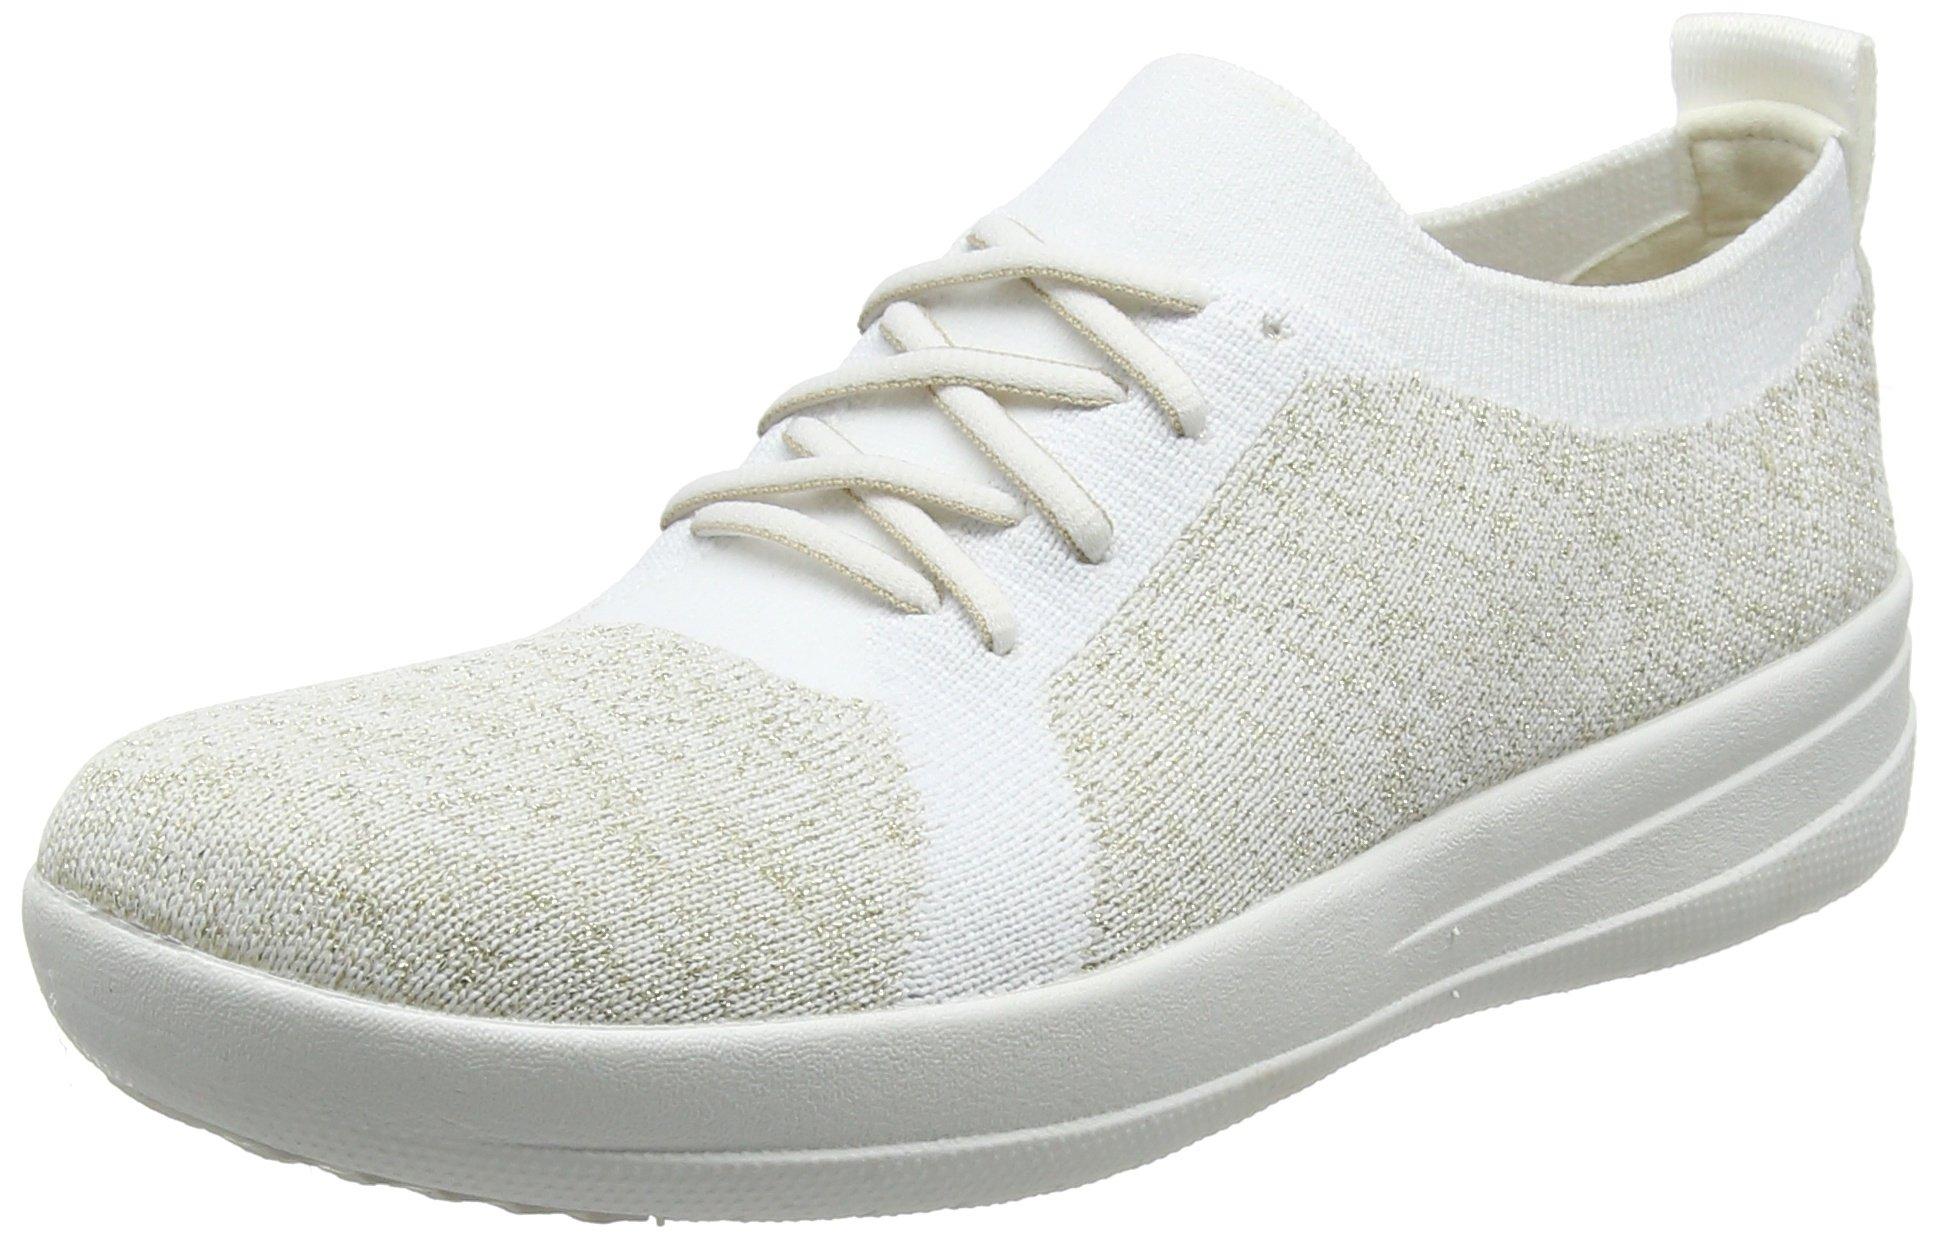 FitFlop Women's F-Sporty Uberknit Sneakers Metallic Gold/Urban White 10 M US